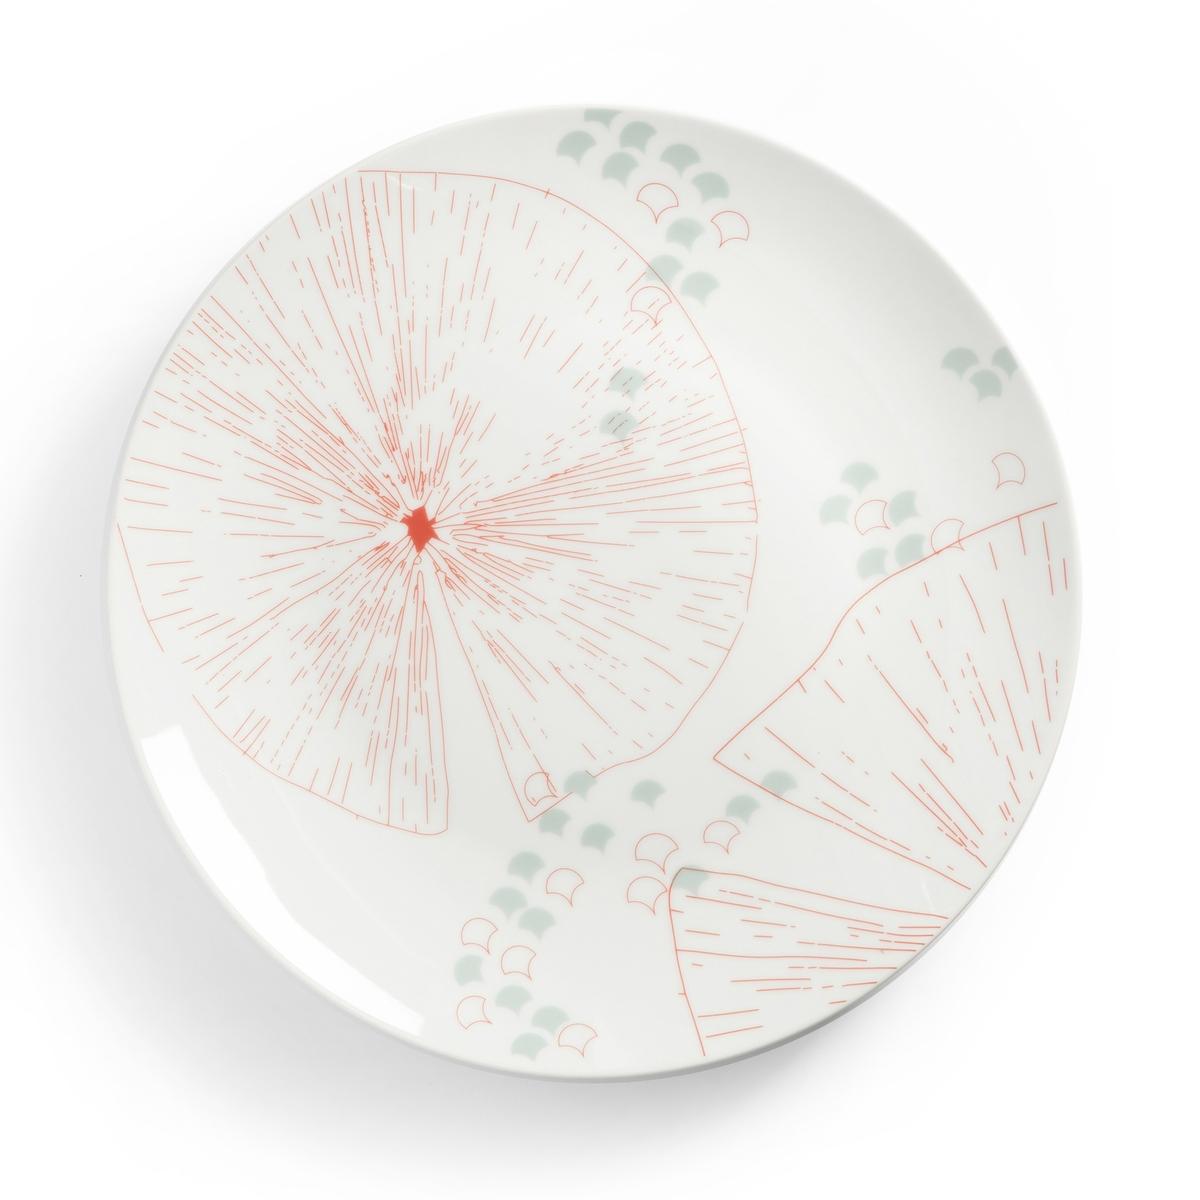 4er-Set flache Teller AKINA | Küche und Esszimmer | Porzellan | La Redoute Interieurs